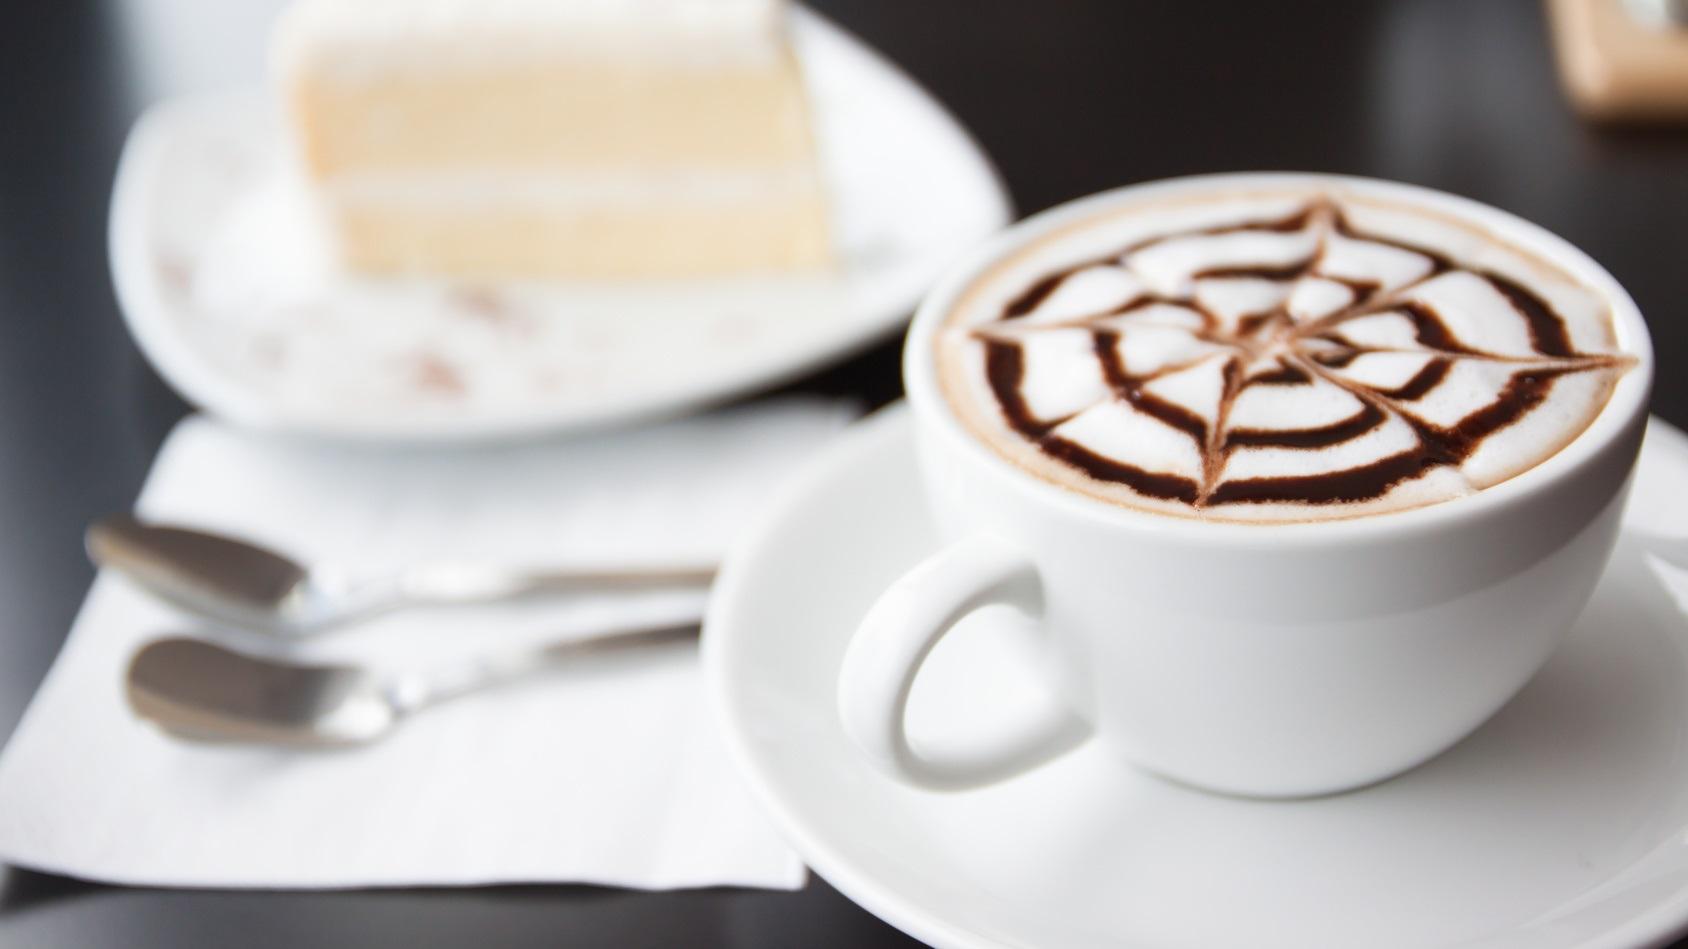 Pokaż jaką kawę pijesz, a powiem Ci jaką jesteś osobą!